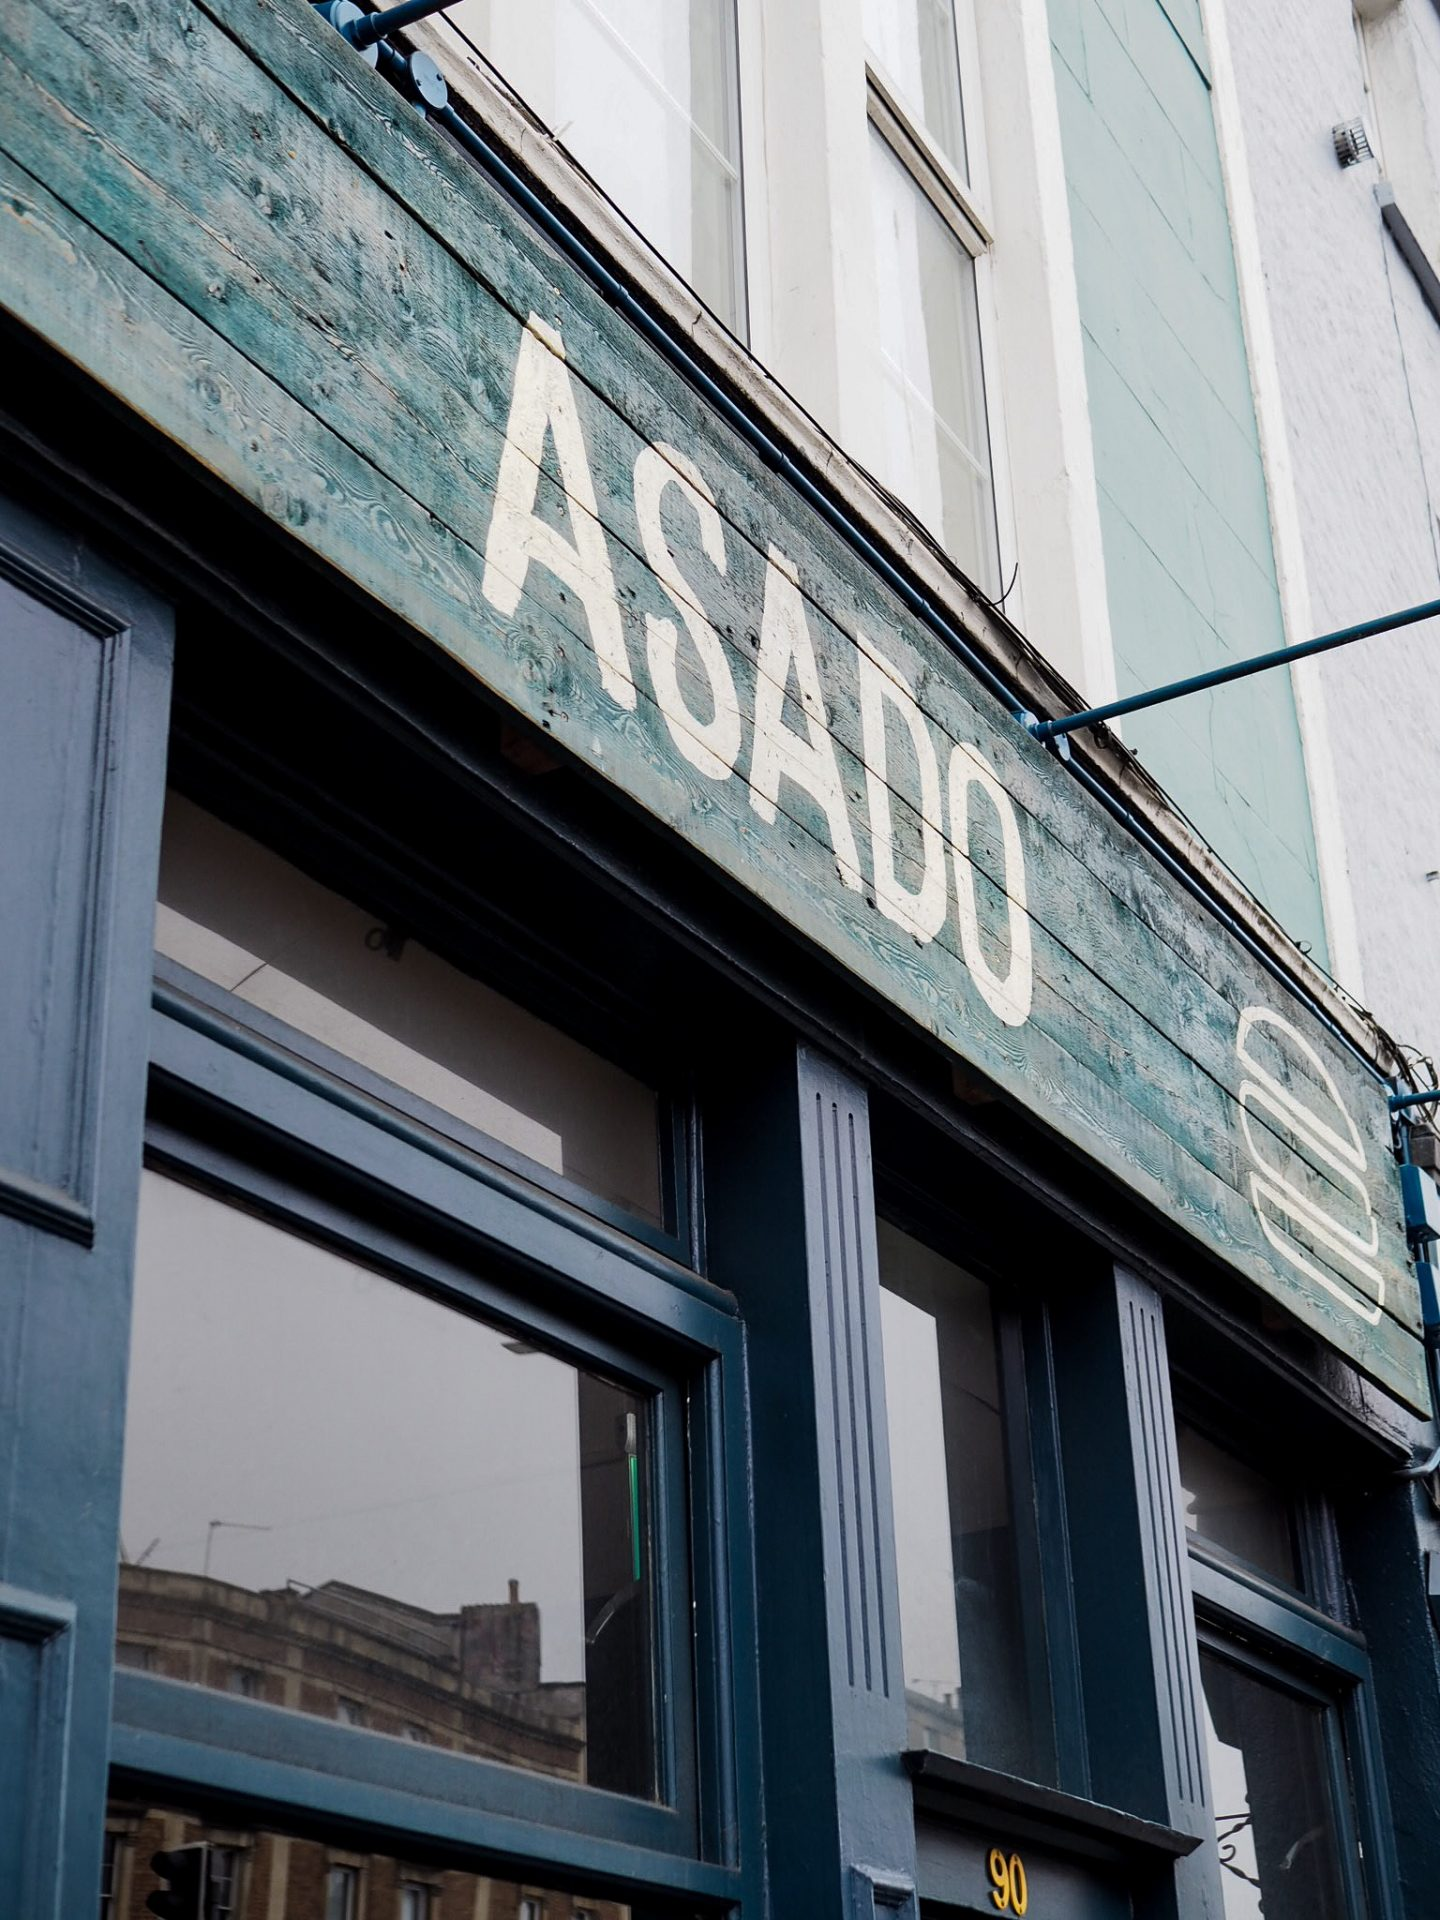 Asado Bristol shop front